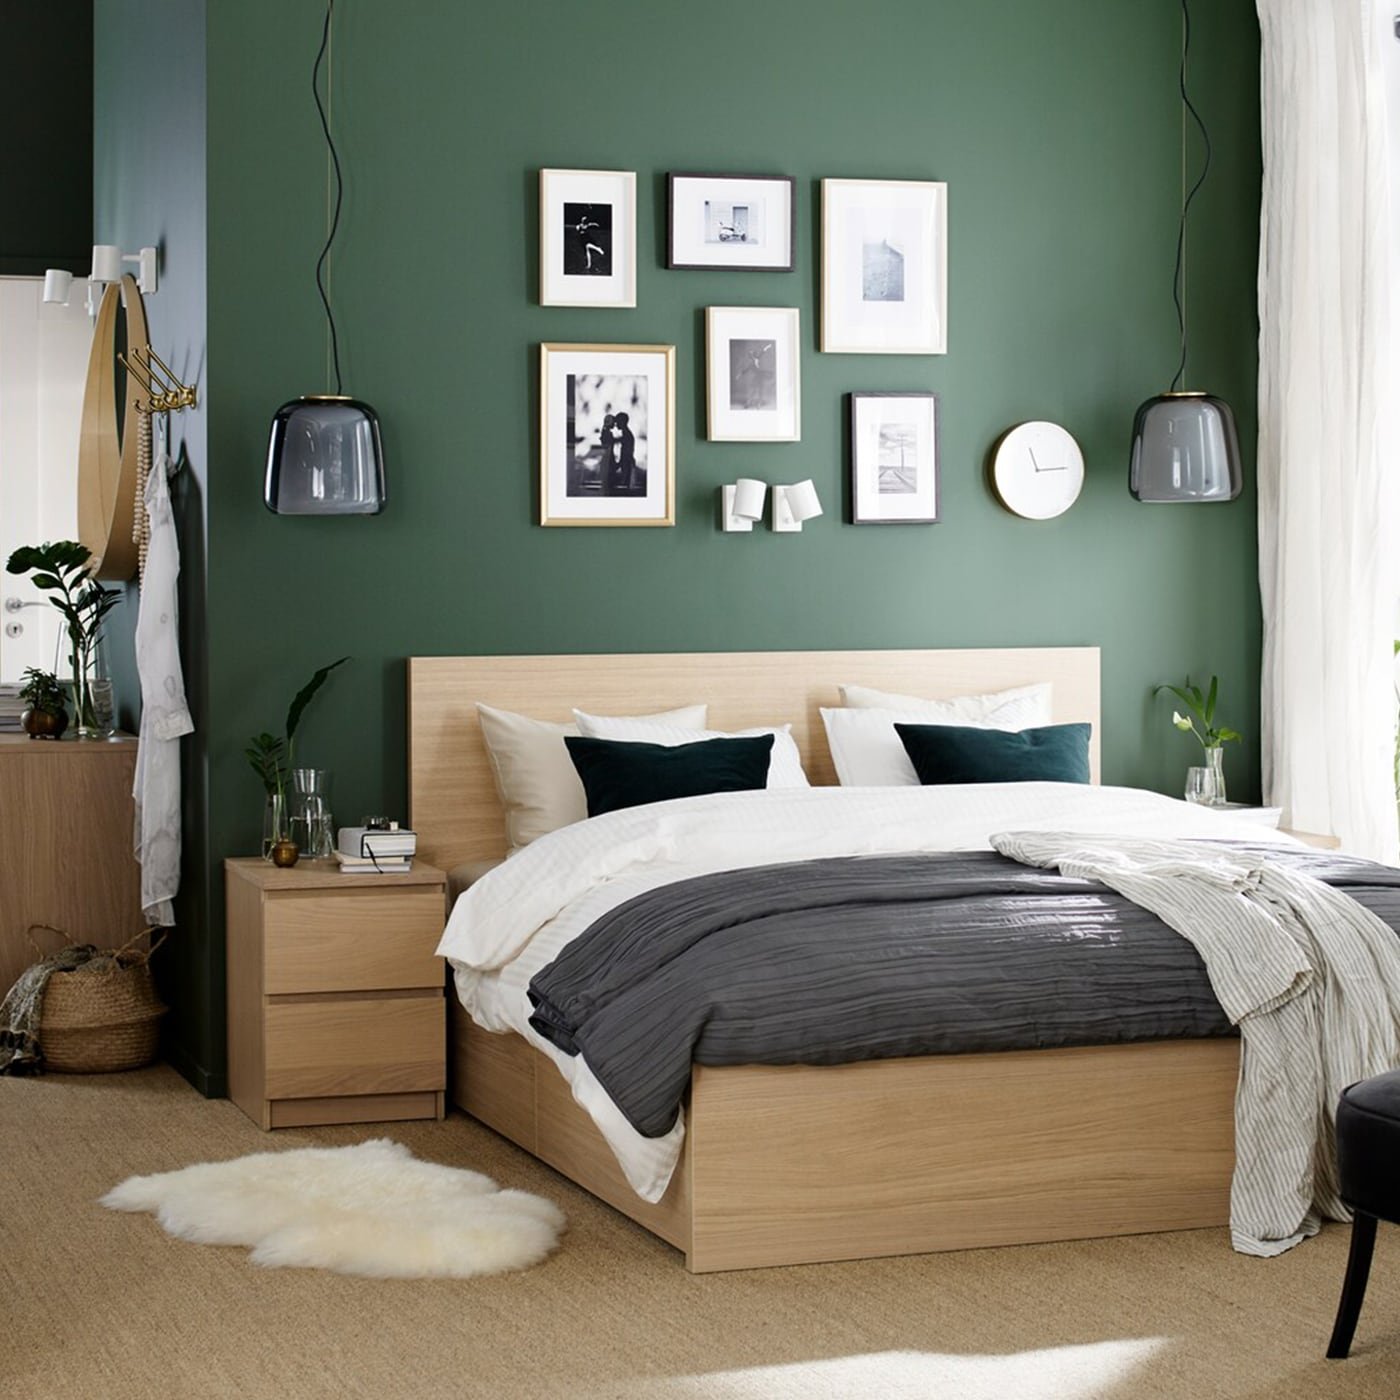 Ikea Schlafzimmer Bett Ideen Milt S Dekor